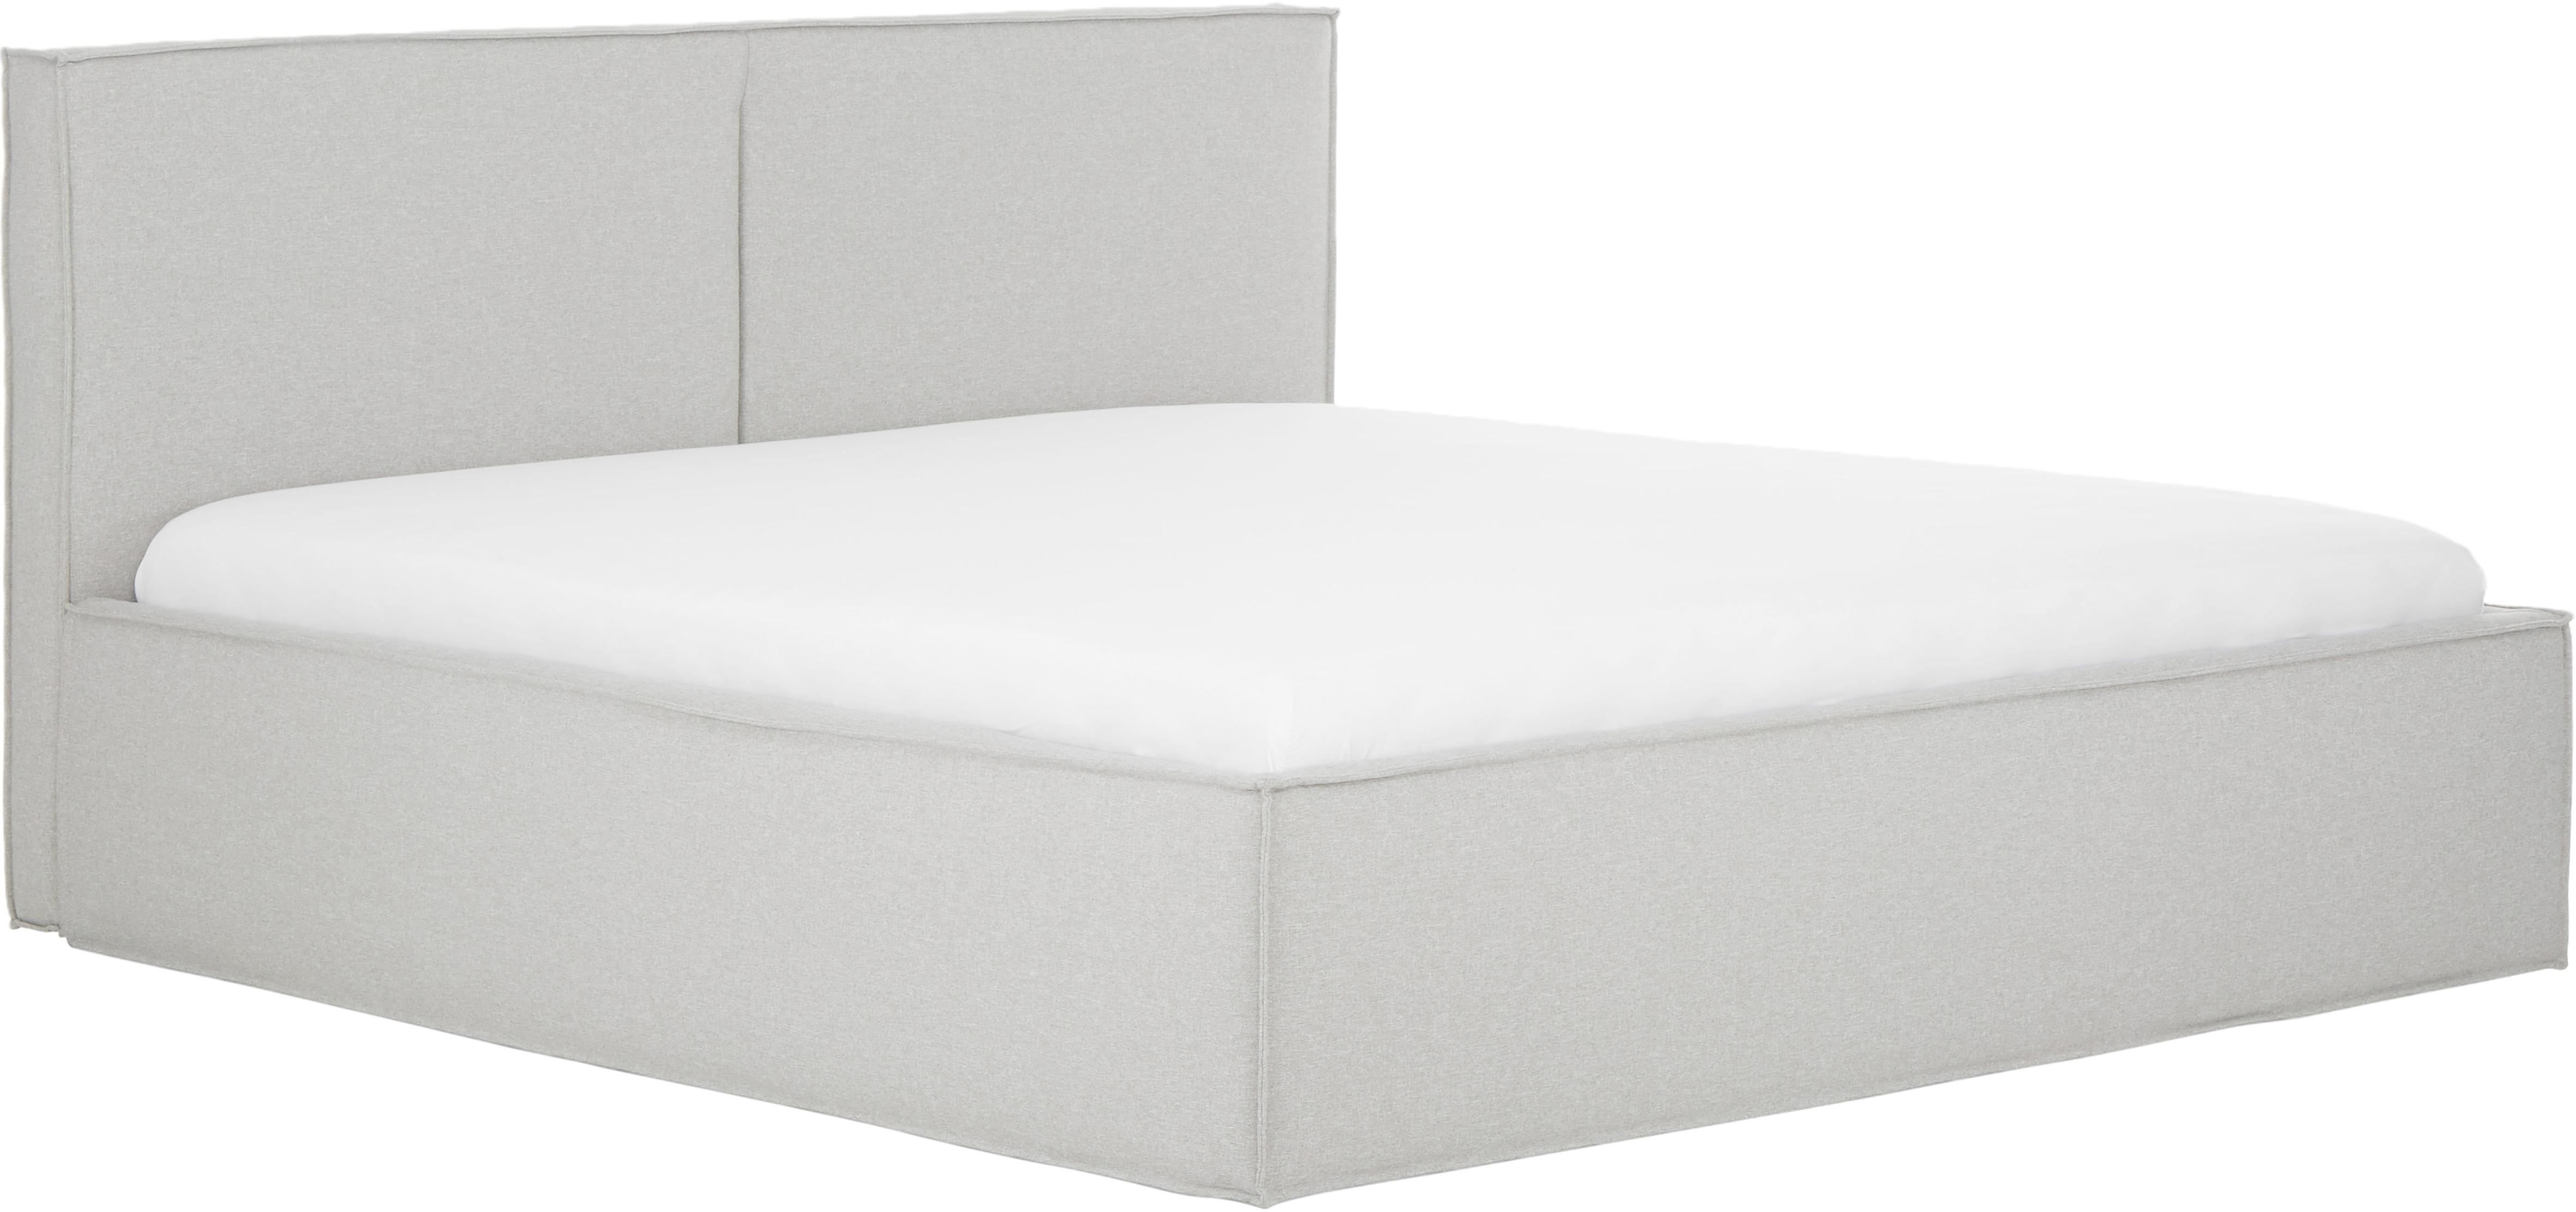 Łóżko tapicerowane Dream, Korpus: lite drewno sosnowe, Tapicerka: poliester (materiał tekst, Jasny szary, 140 x 200 cm